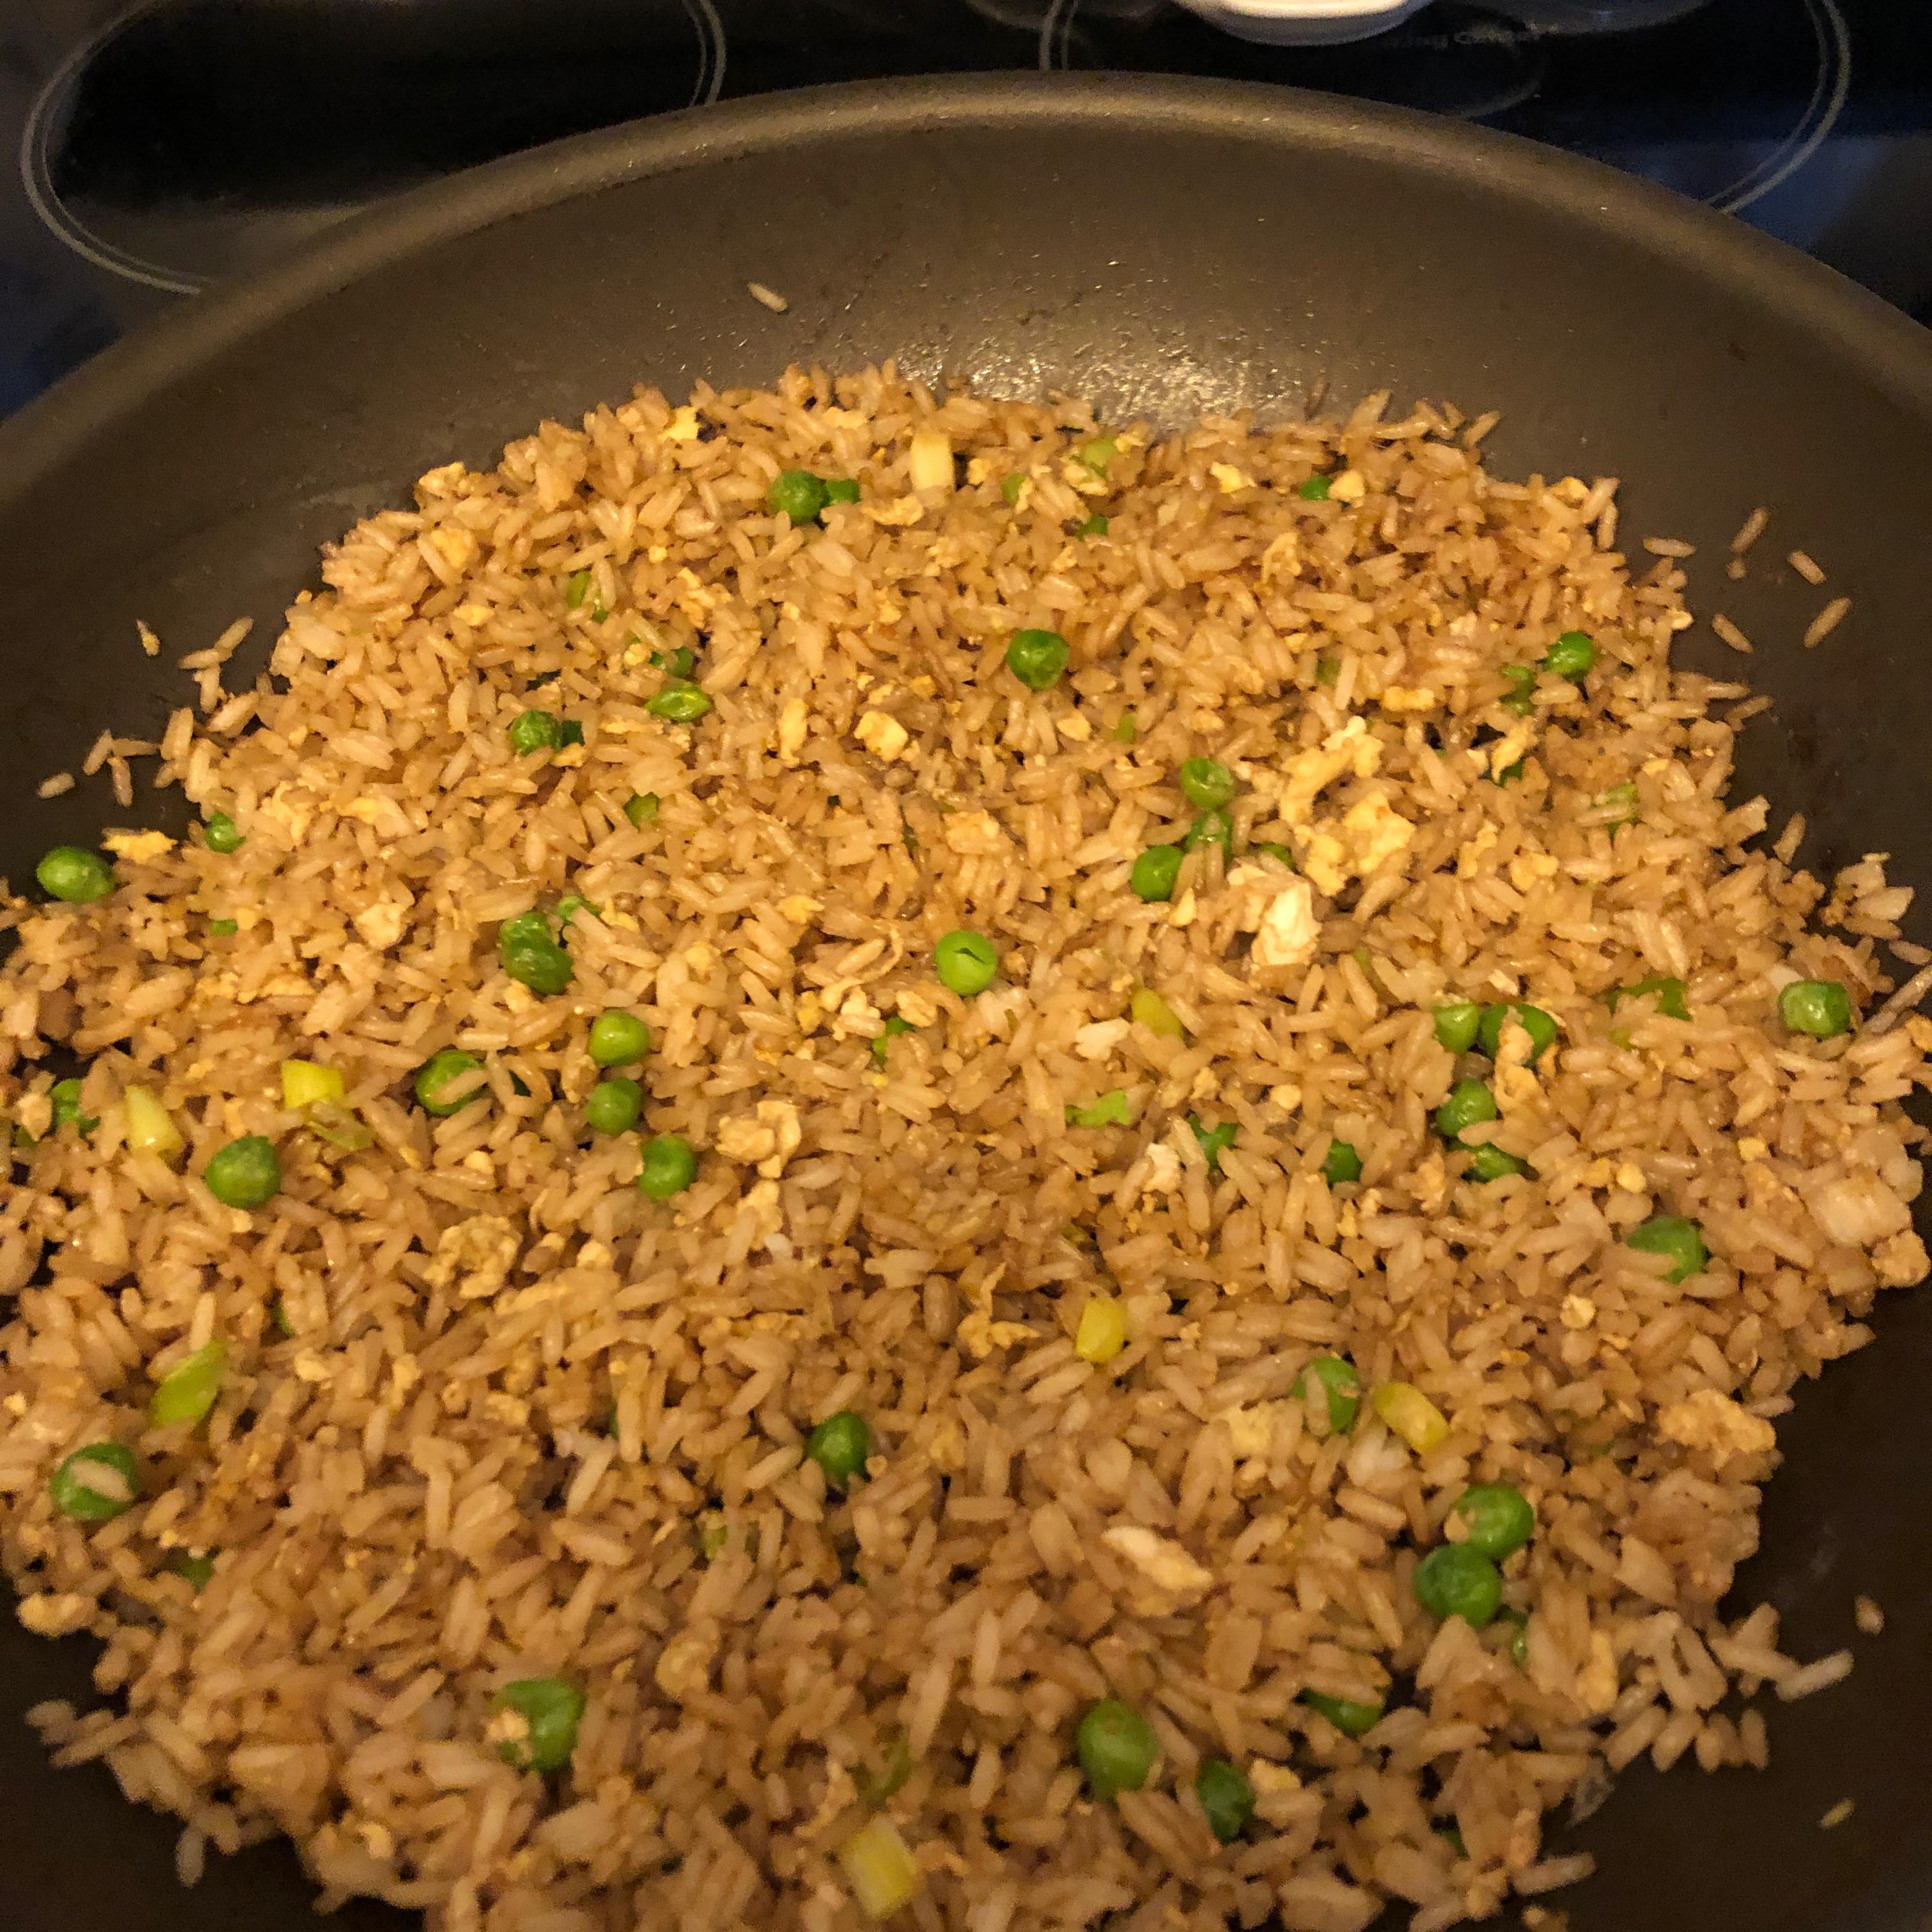 Fried Rice Restaurant Style Vicki Liddell